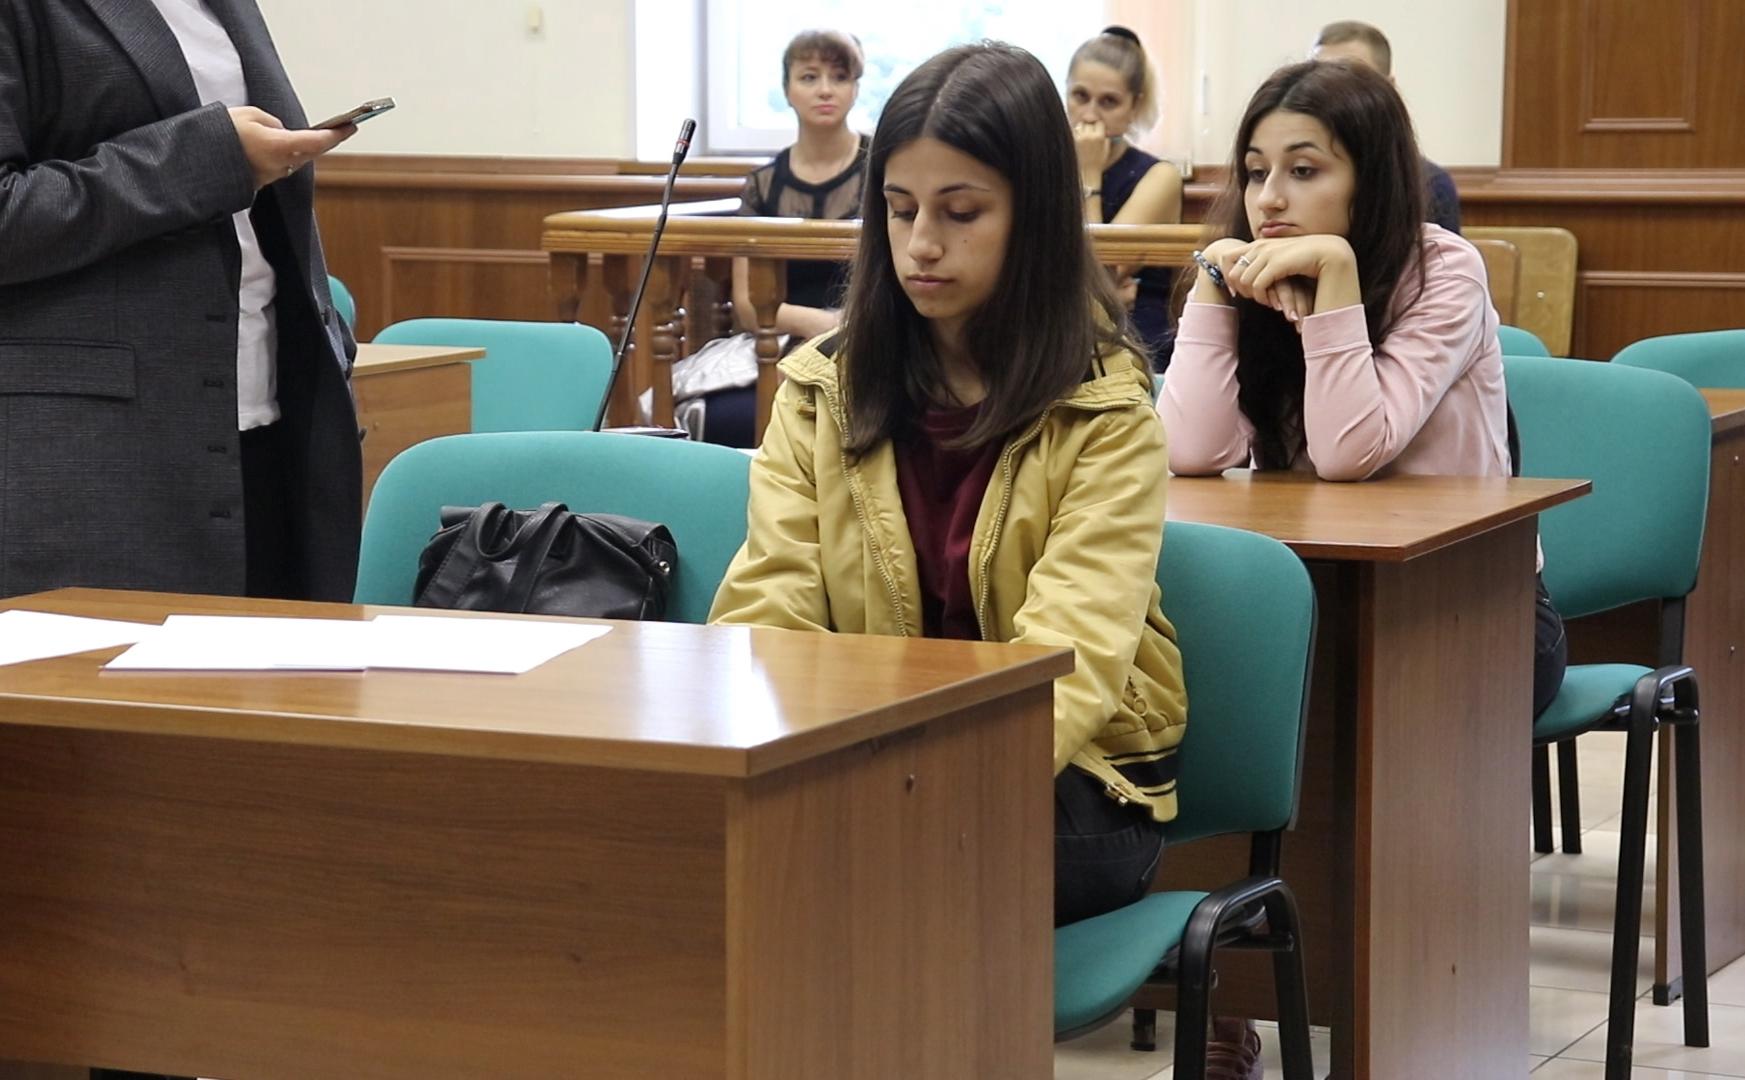 Сестры Ангелина (на переднем плане) и КрестинаХачатурянв суде